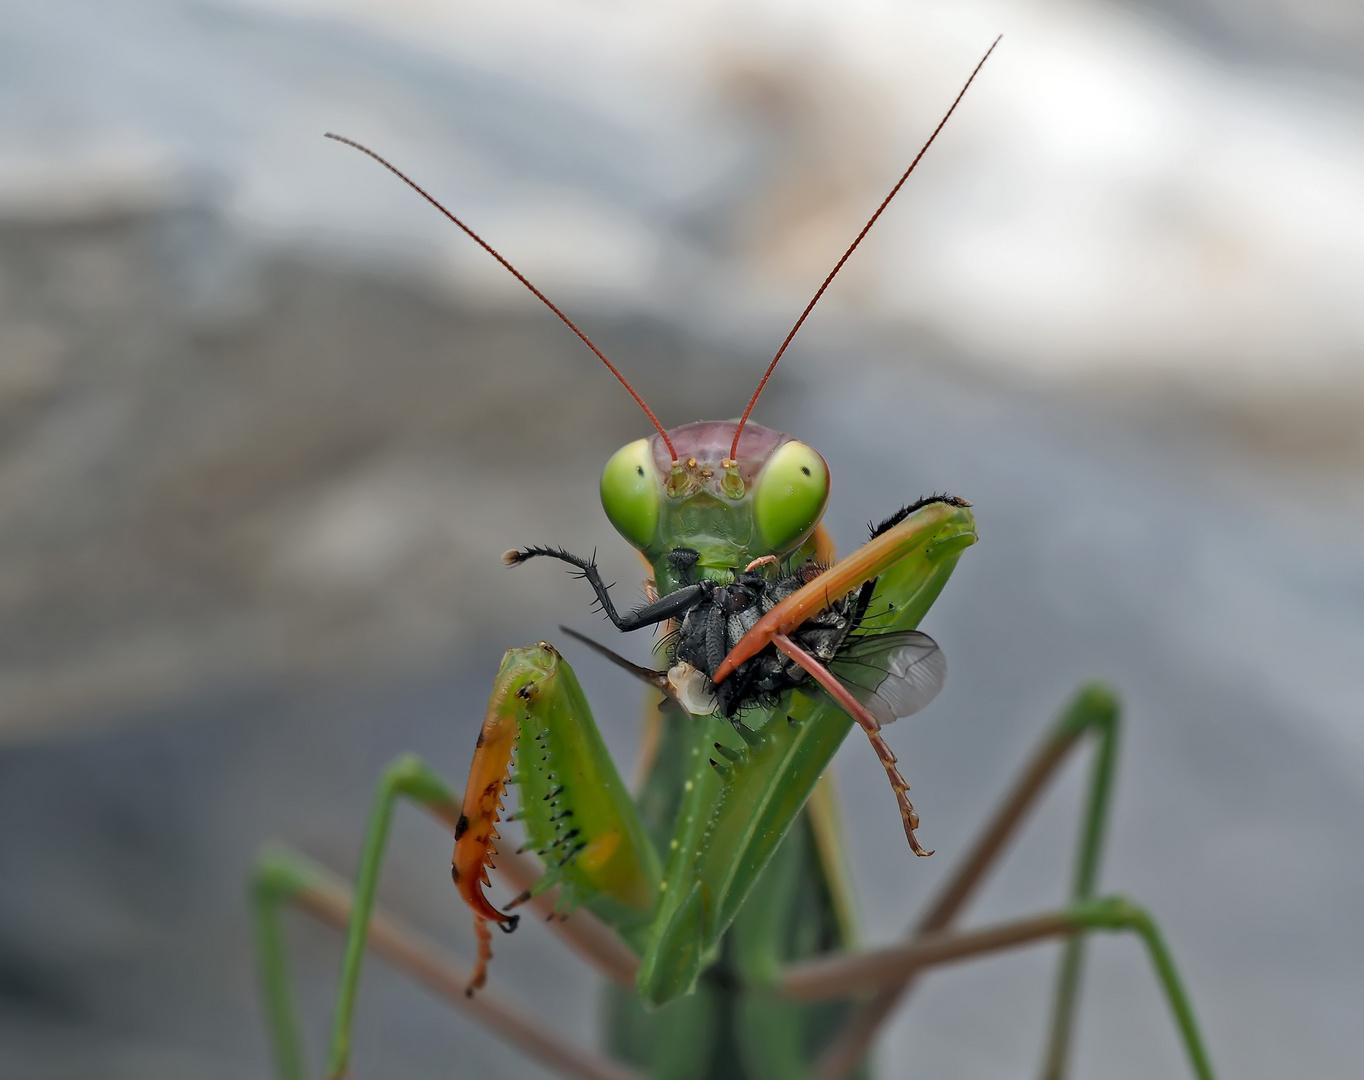 Gottesanbeterin (Mantis religiosa): Jetzt hat sie die Fliege erwischt! Foto 2 - Mante religieuse.